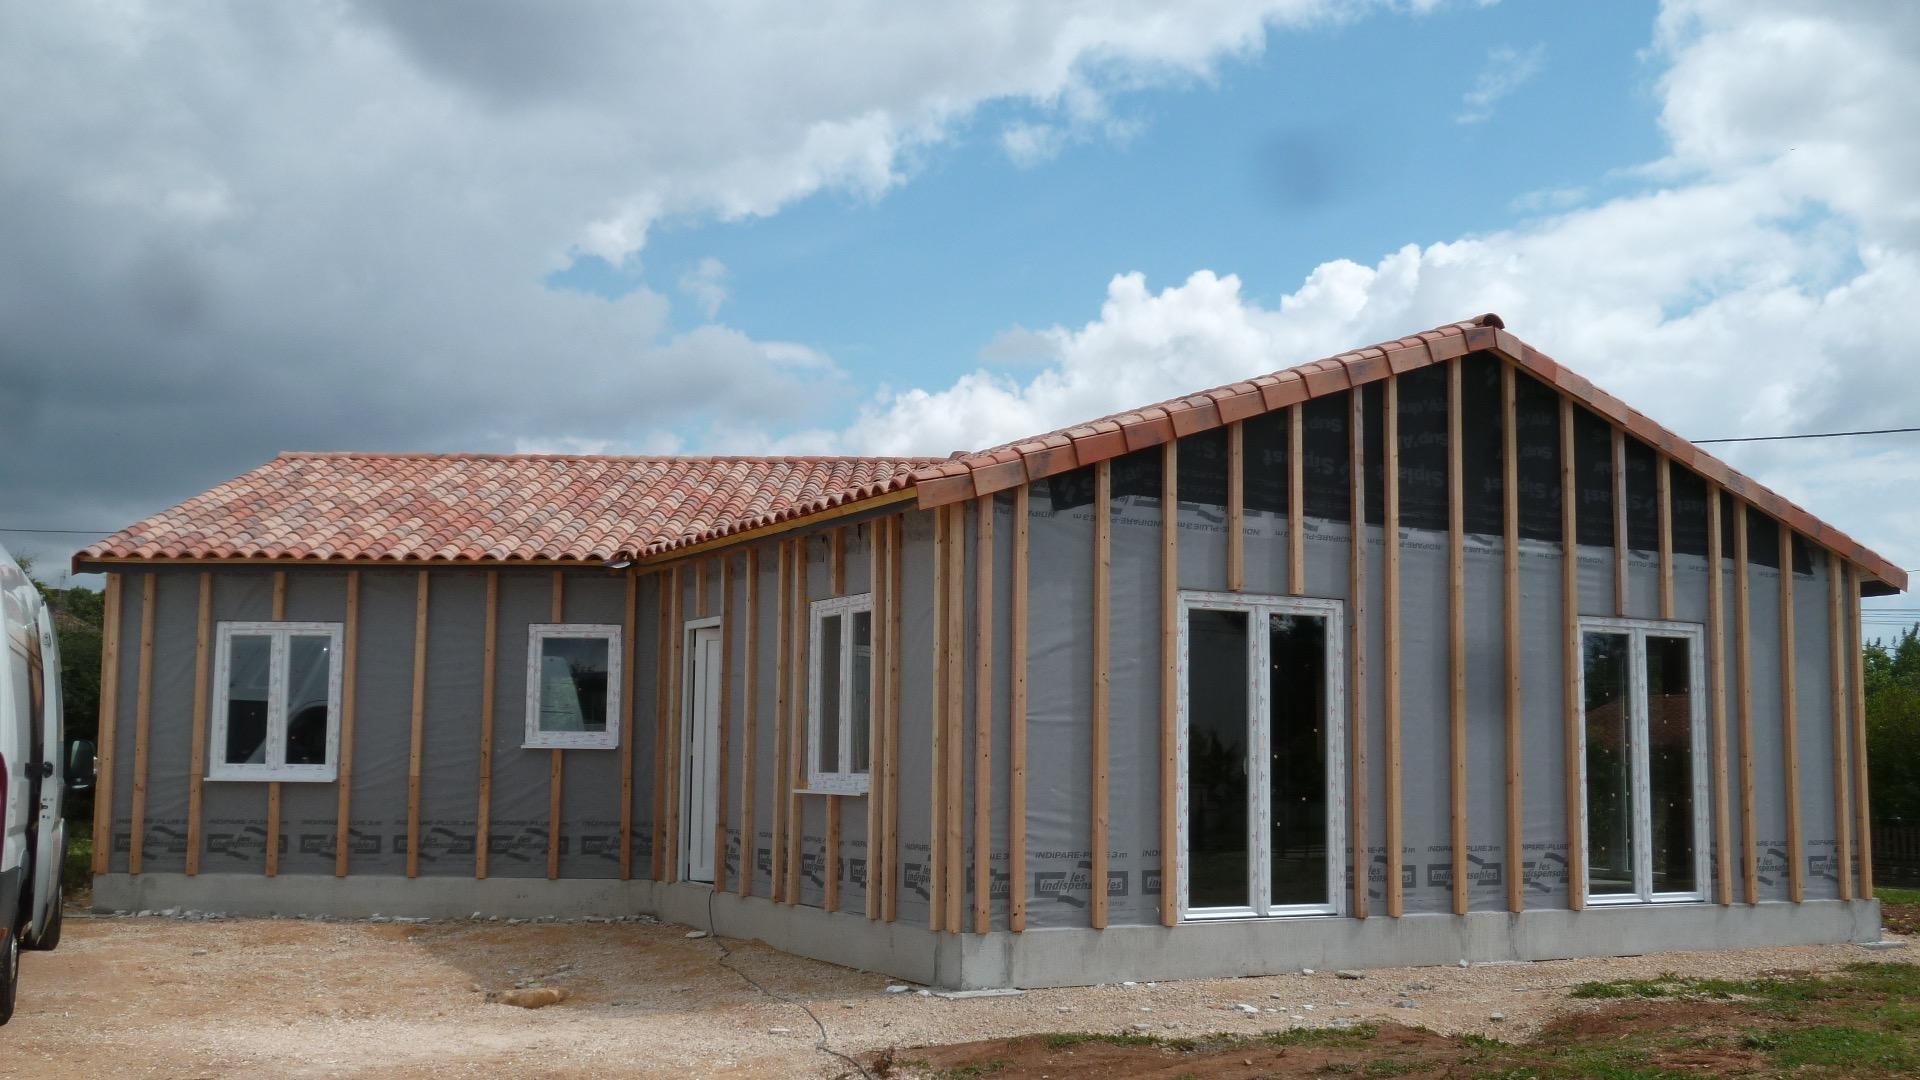 isolation d 39 une maison passive avec rt 2012 entreprise d. Black Bedroom Furniture Sets. Home Design Ideas